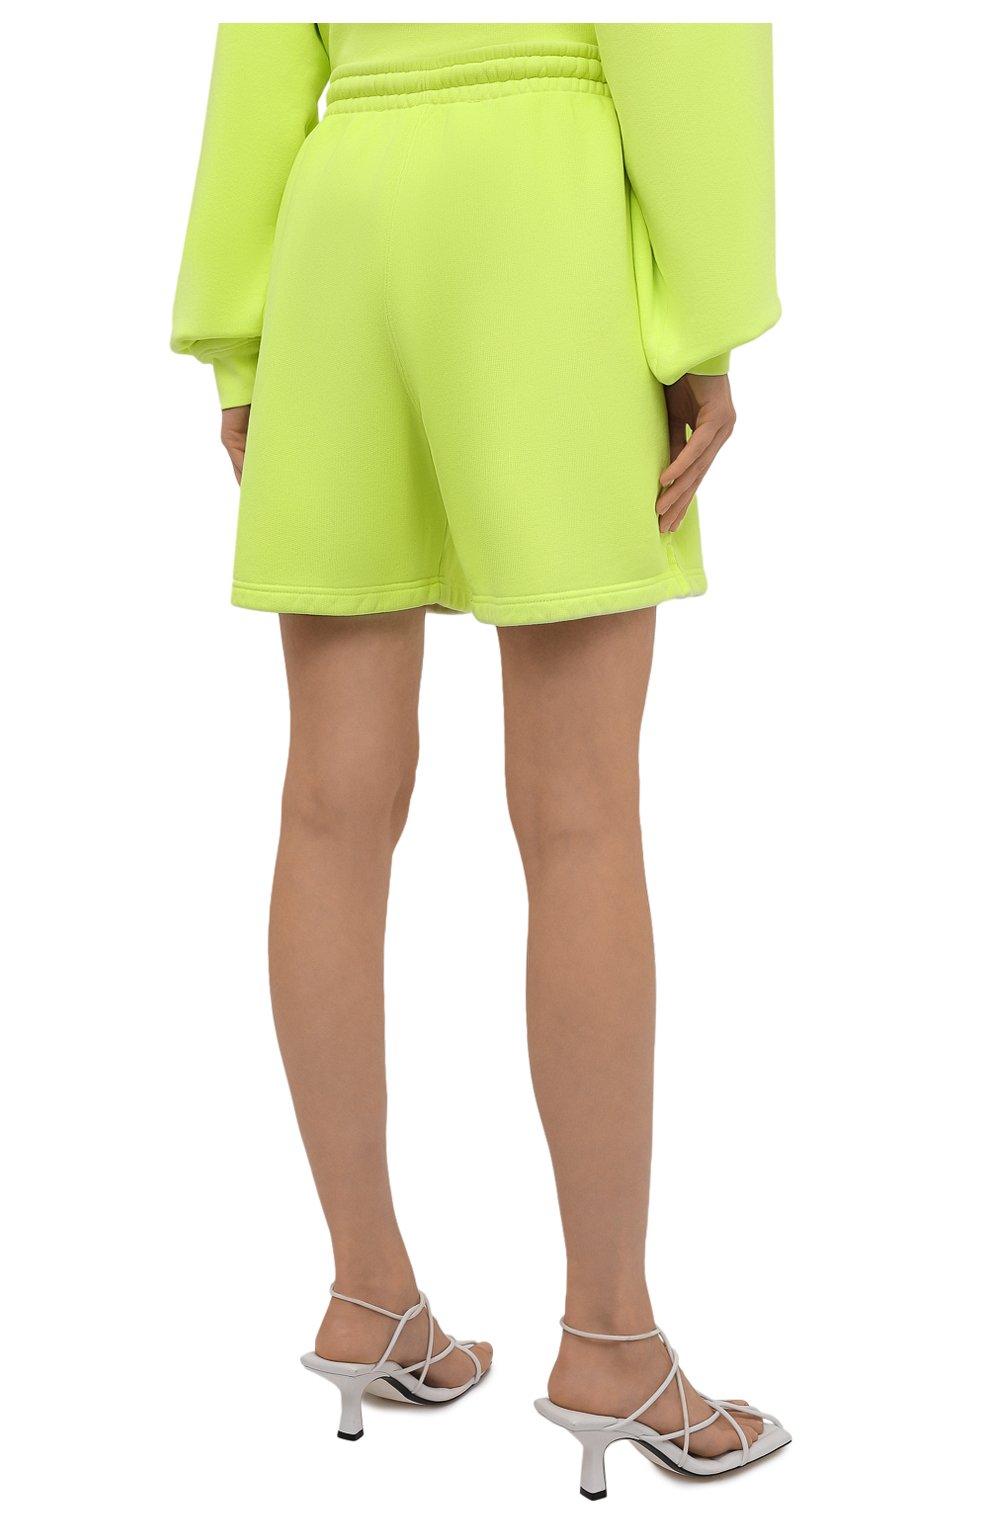 Женские хлопковые шорты ALEXANDER WANG светло-зеленого цвета, арт. UCC3214017 | Фото 4 (Женское Кросс-КТ: Шорты-одежда; Длина Ж (юбки, платья, шорты): Мини; Материал внешний: Хлопок; Стили: Спорт-шик)